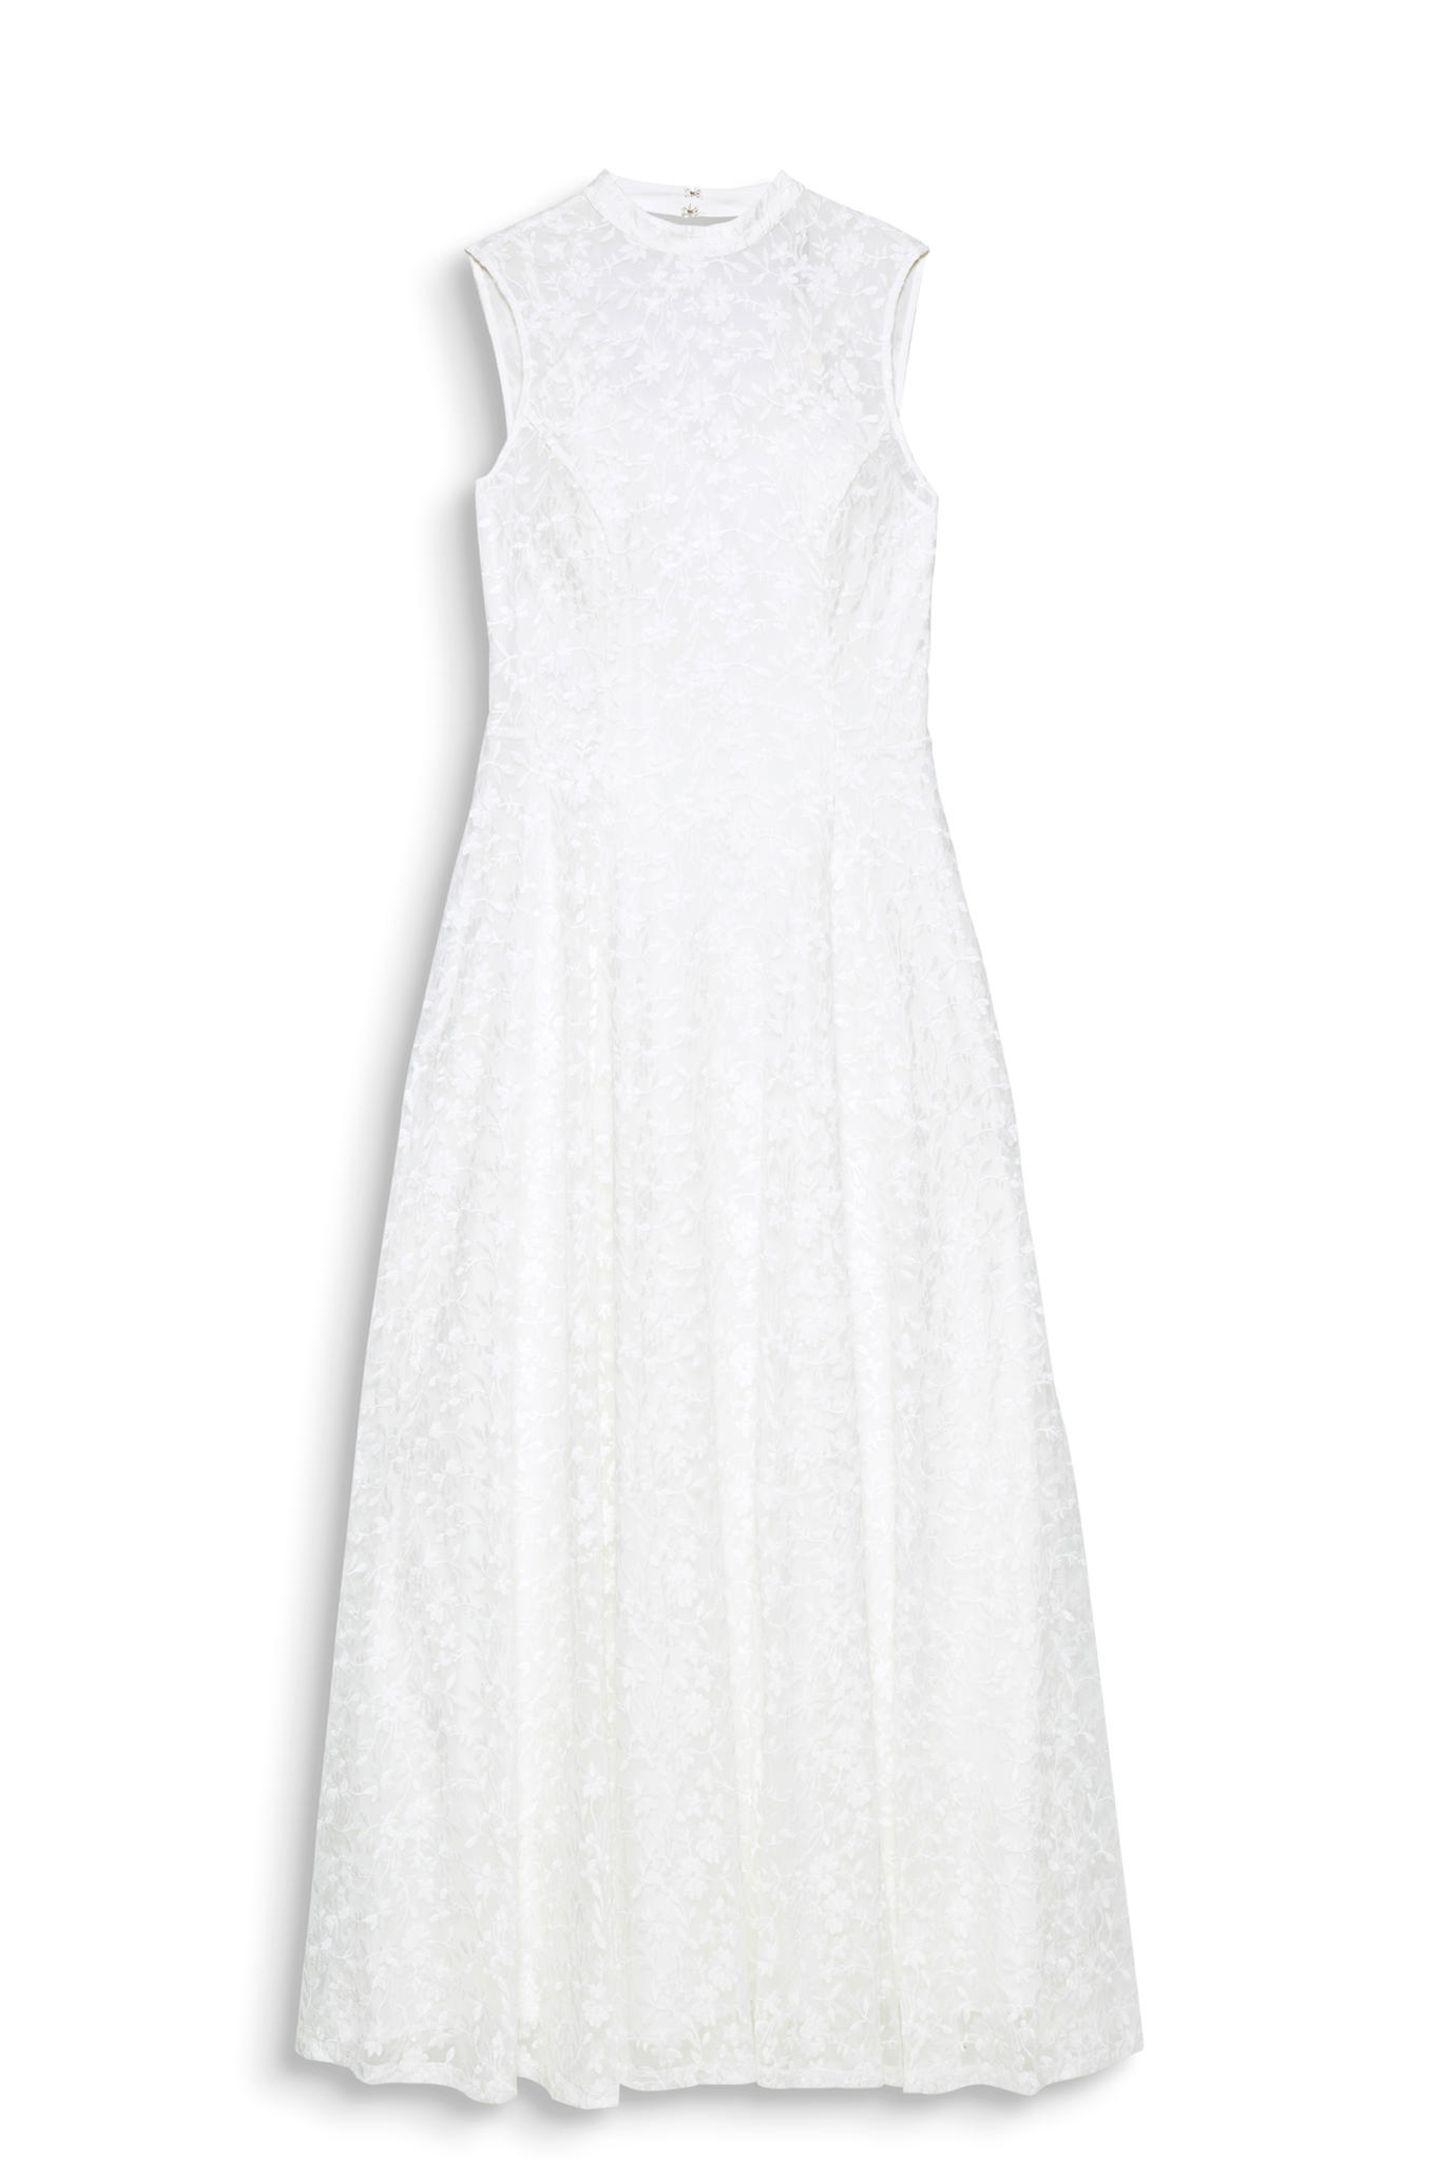 Brautkleid mit Spitze von Esprit